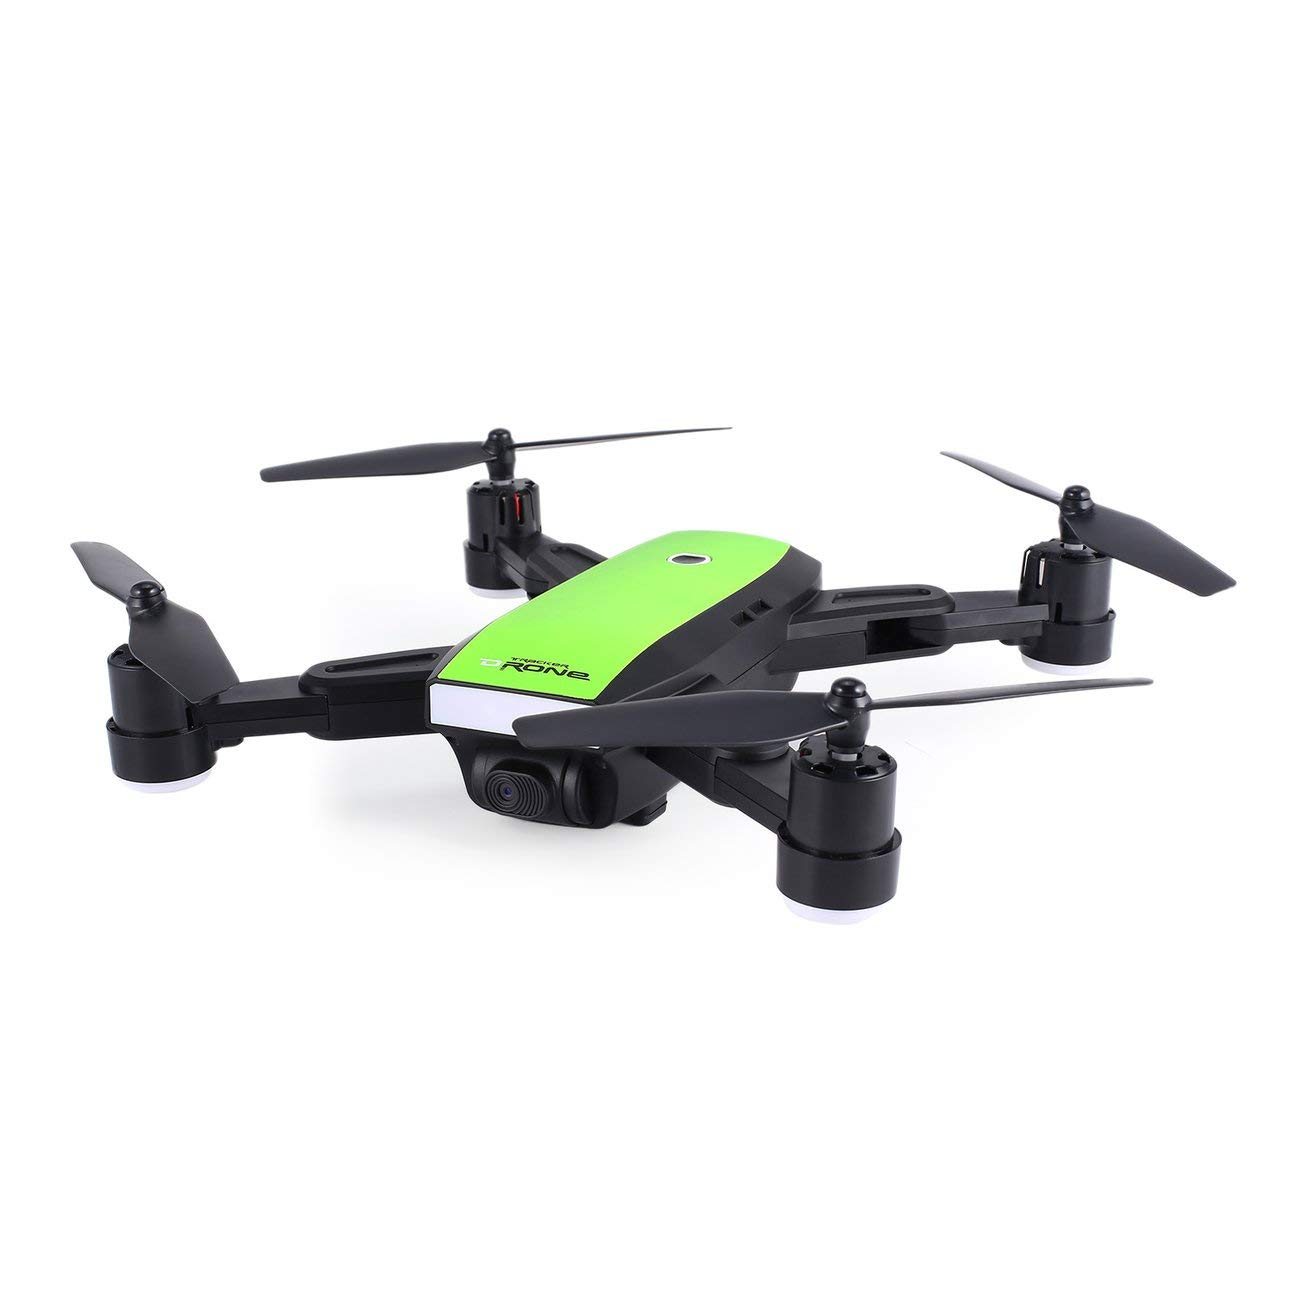 Ballylelly X28 2.4G FPV Pieghevole Drone Smart RC Quadcopter con Telecamera WiFi Regolabile in Tempo Reale Altitude Hold modalità Headless (verde)